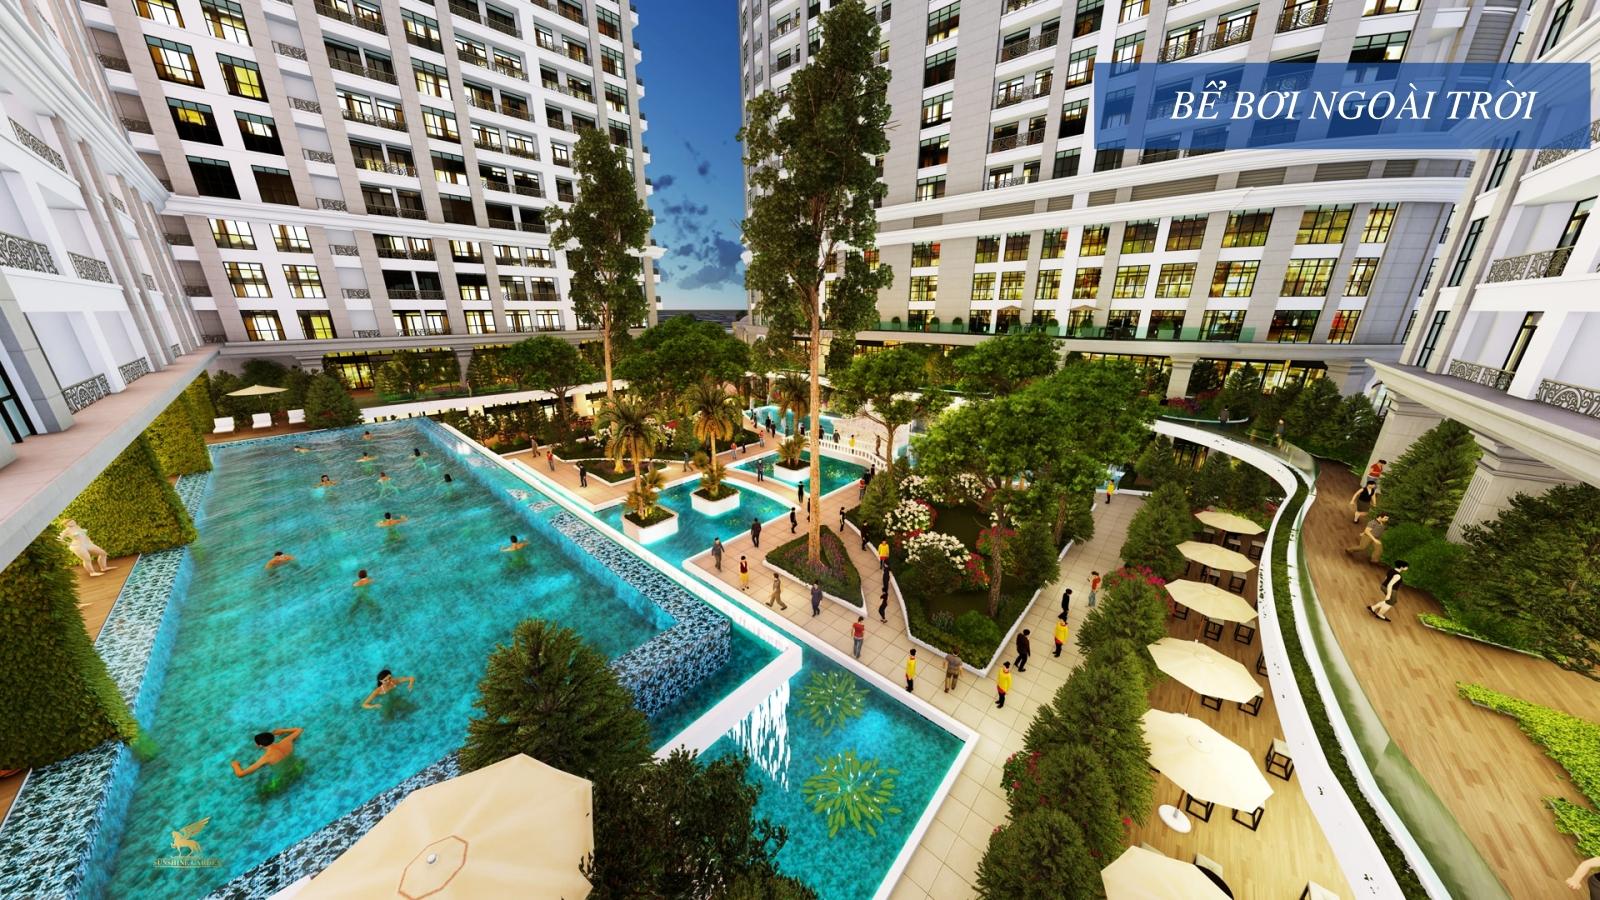 Bể bơi ngoài trời tiêu chuẩn 5 sao của Sunshine Garden